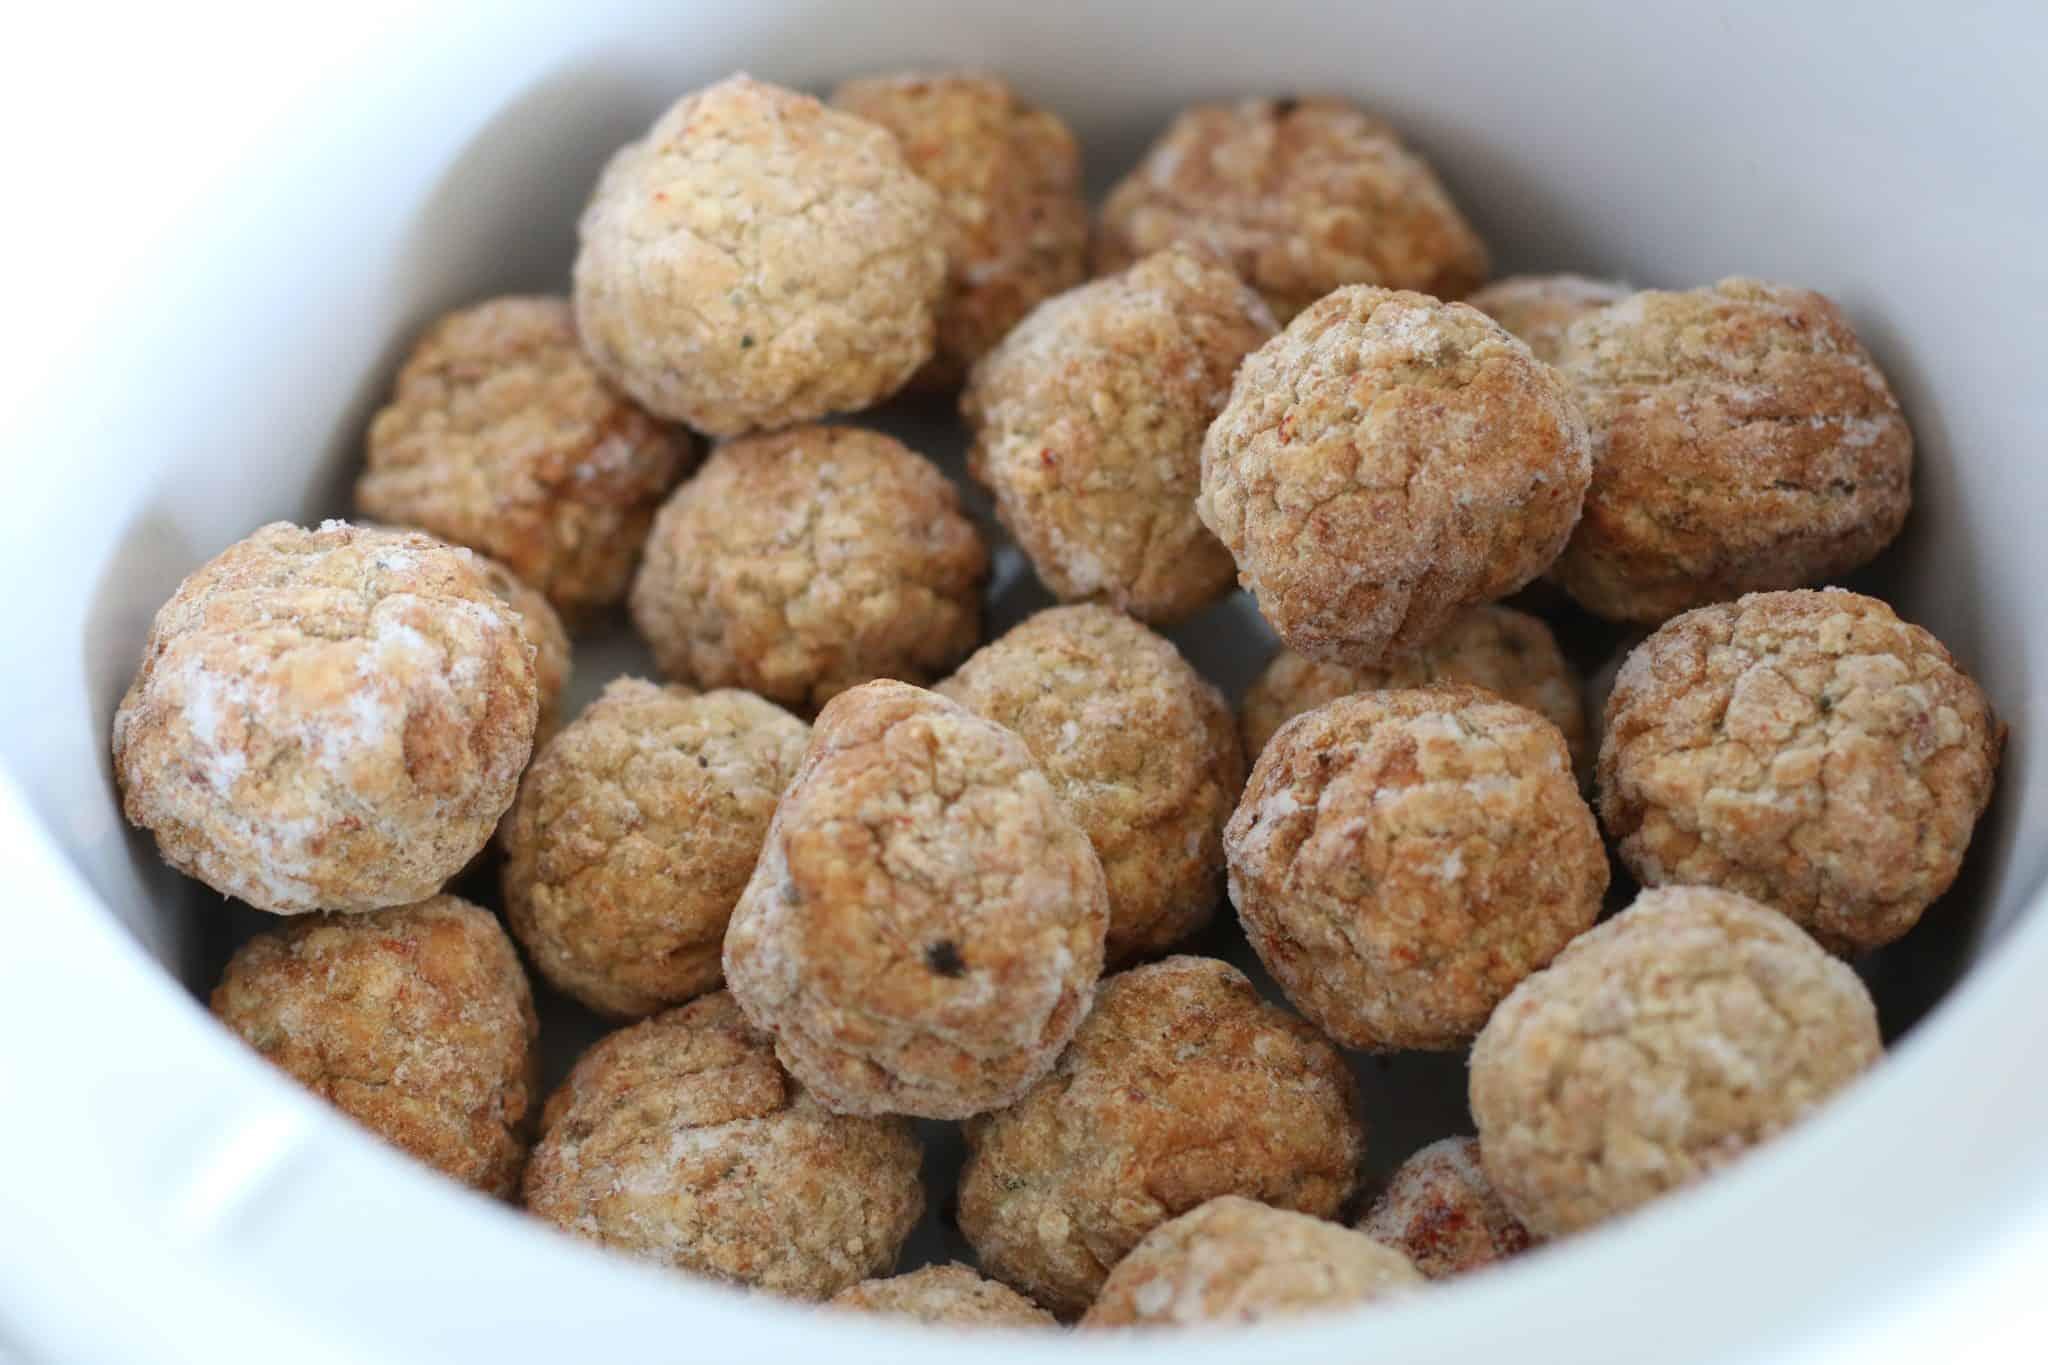 frozen meatballs in slow cooker.